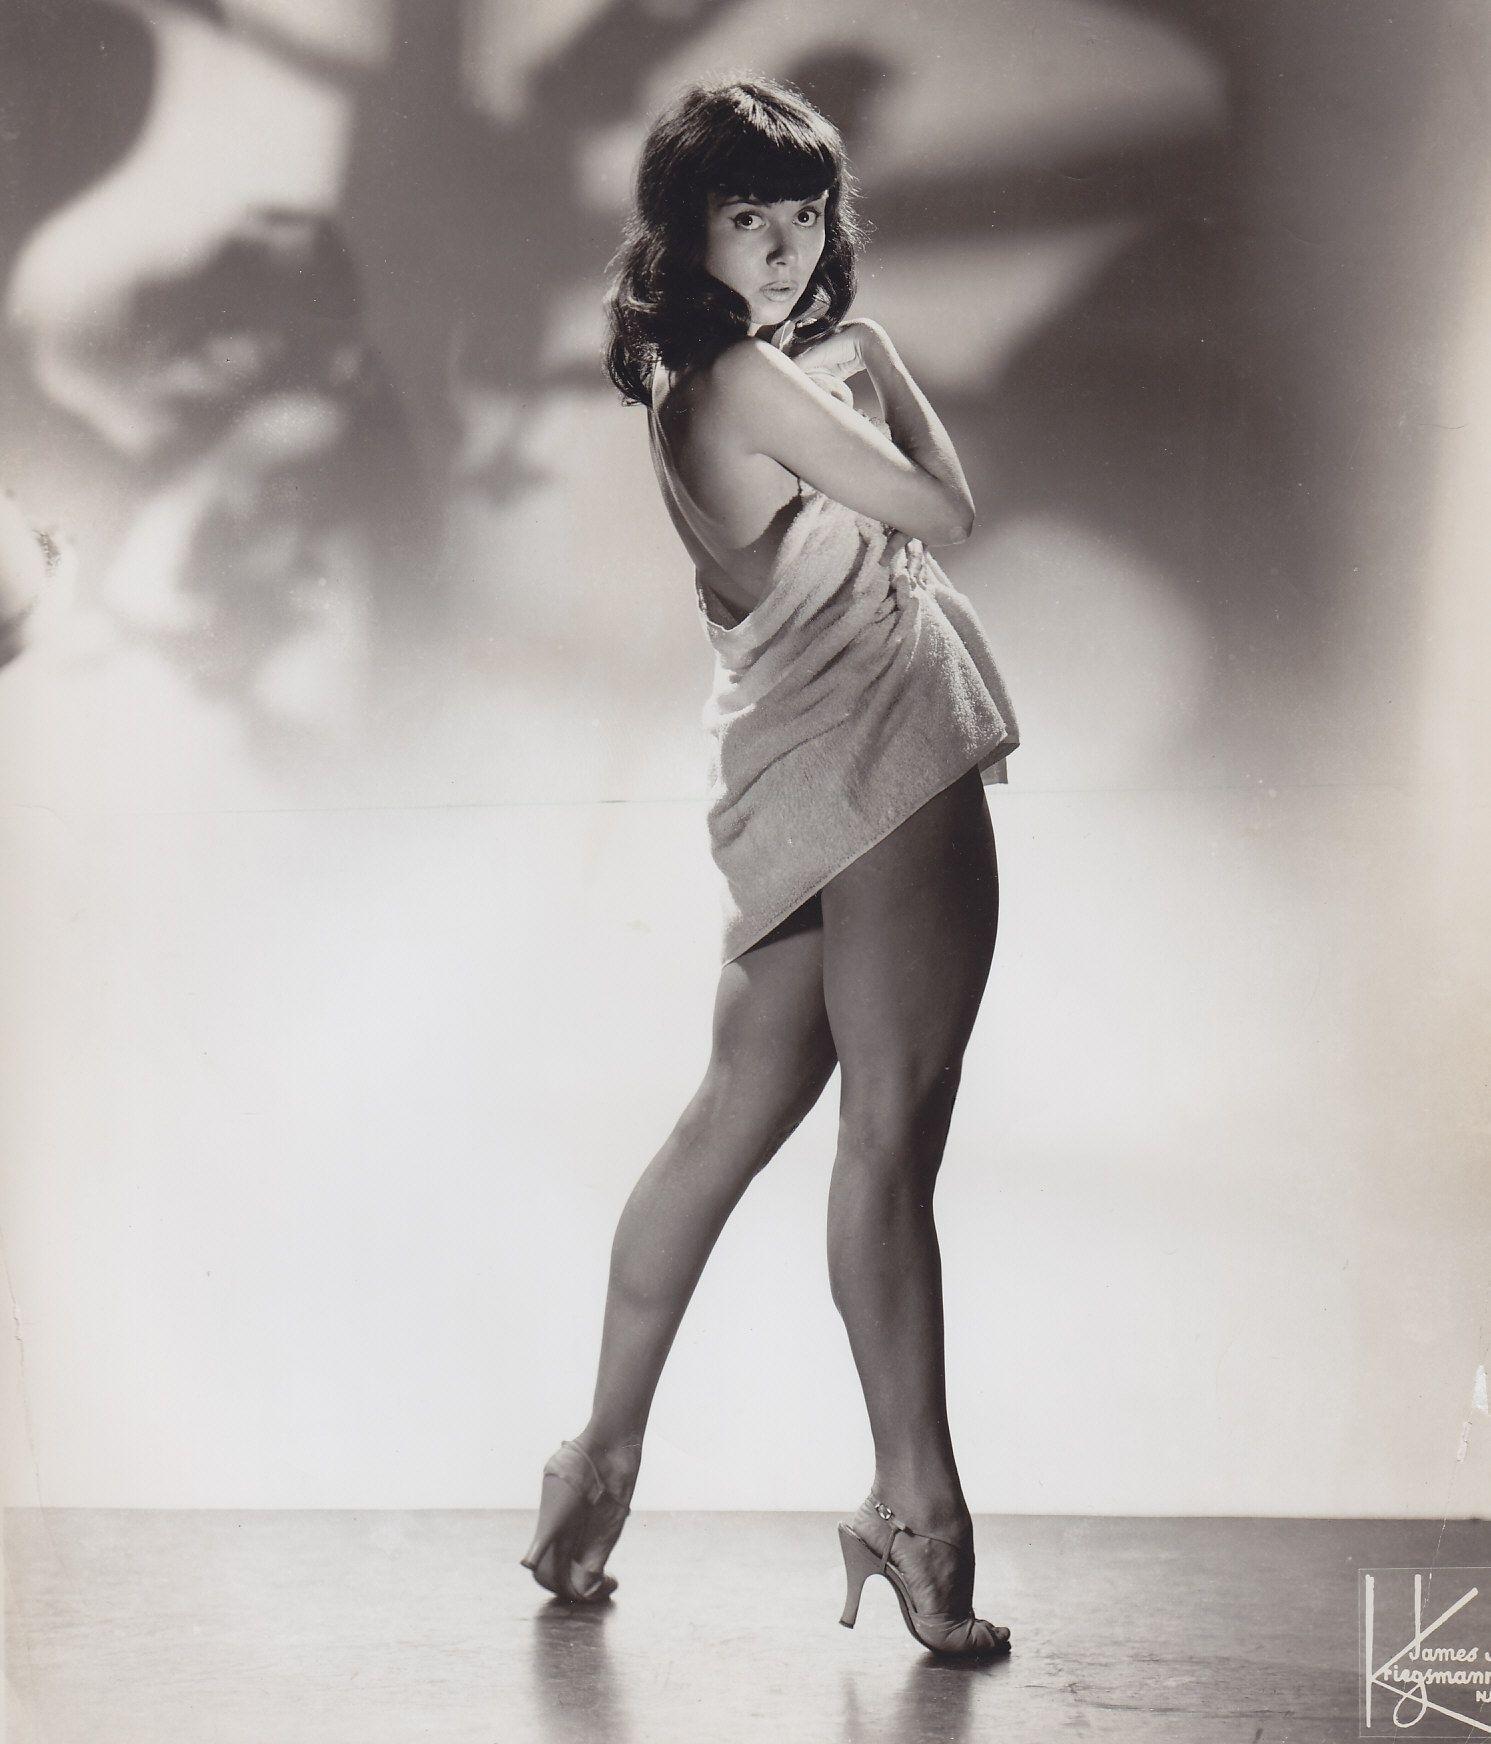 a-artista-burlesca-e-show-girl-julie-gibson-nos-anos-1950-1498509422874_v2_1491x1744.jpg